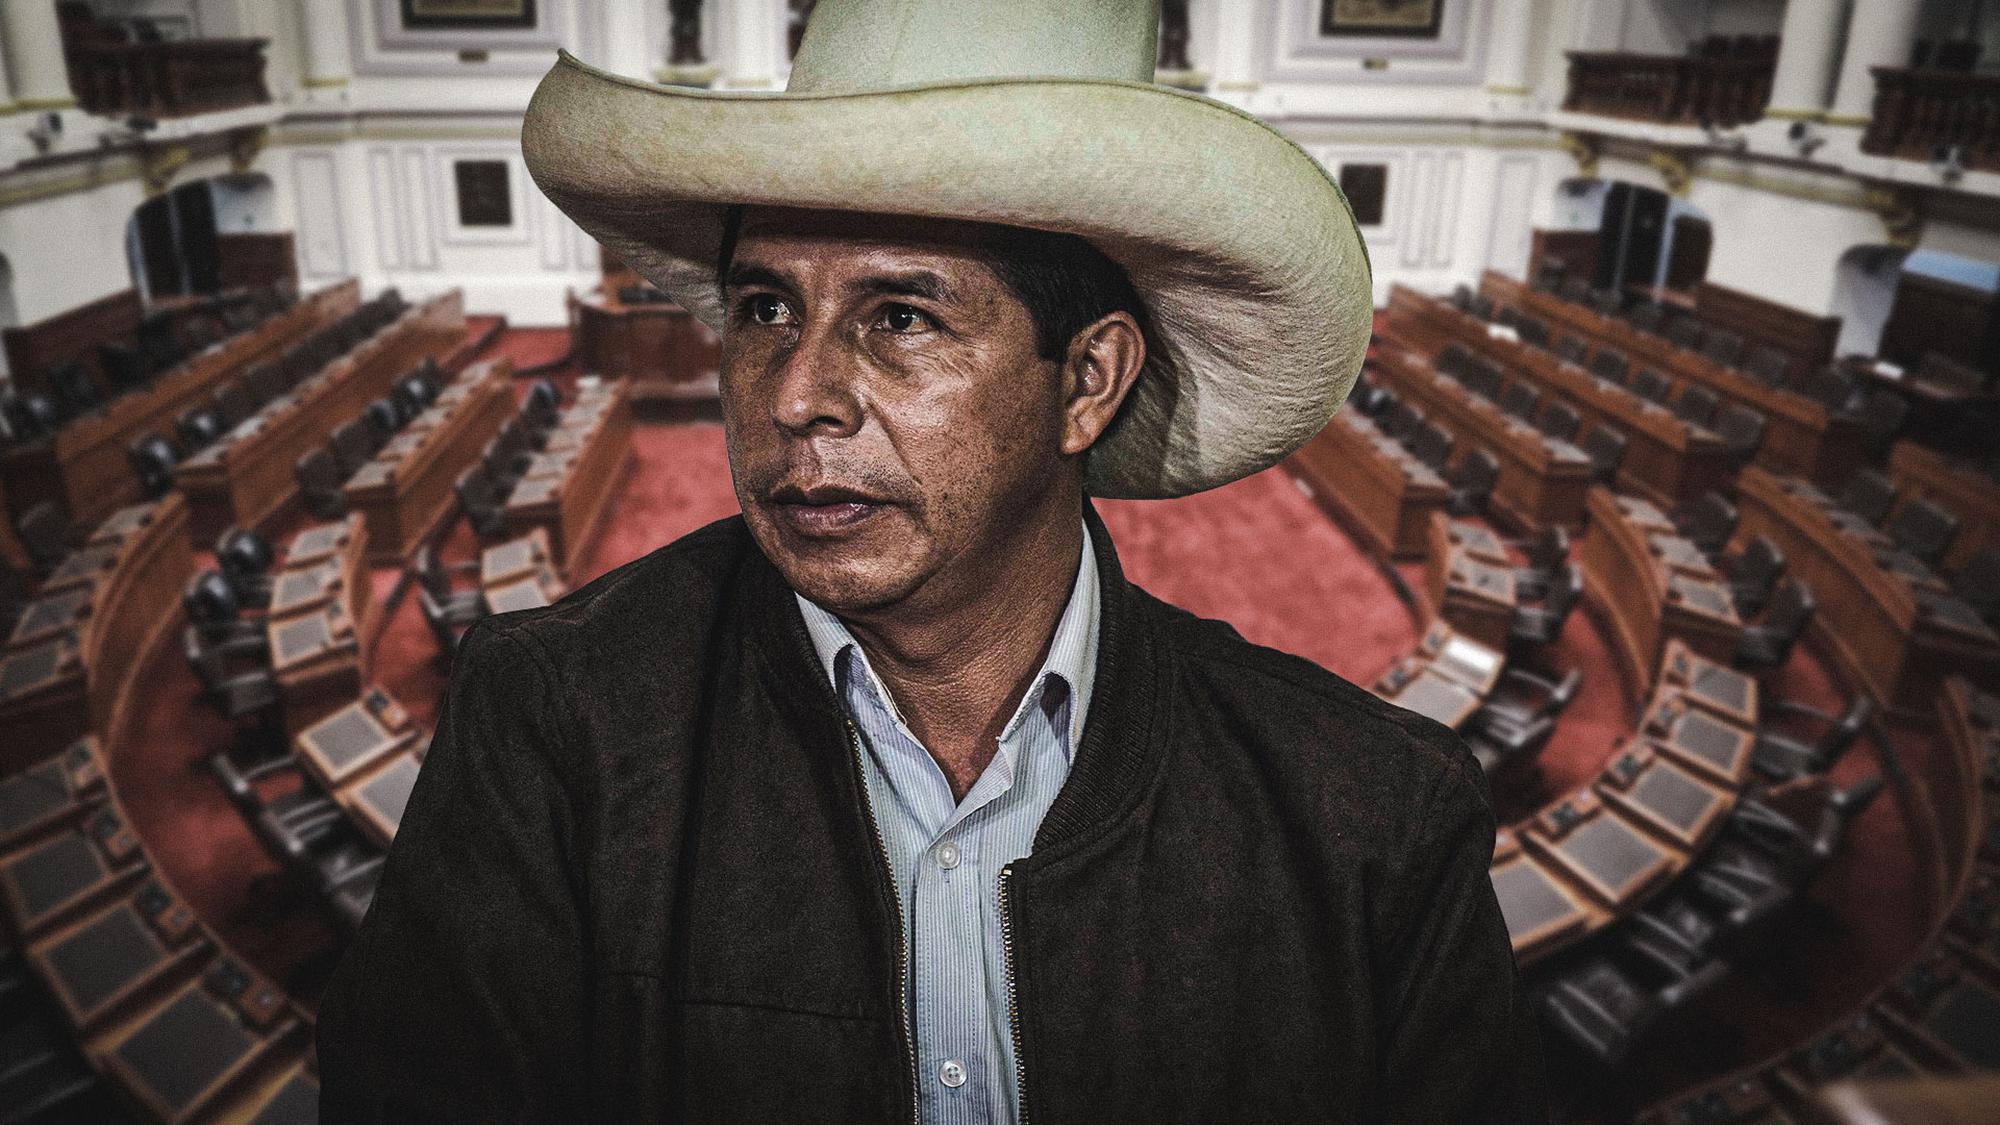 Congreso: ¿Cuál será la posición de las nuevas bancadas frente al gobierno de Pedro Castillo?